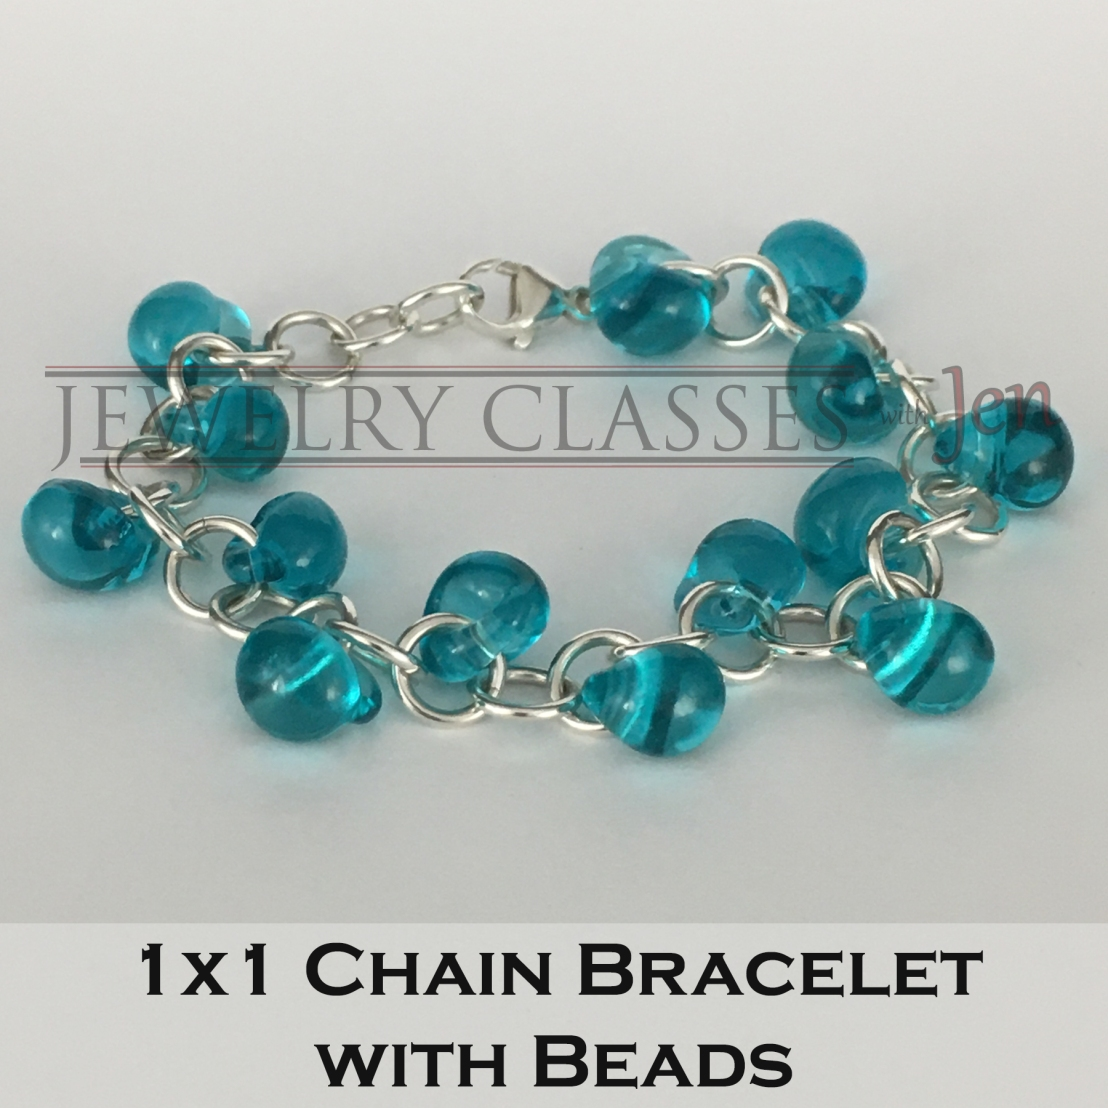 1x1 Chain Bracelet with Beads 6x6 300dpi